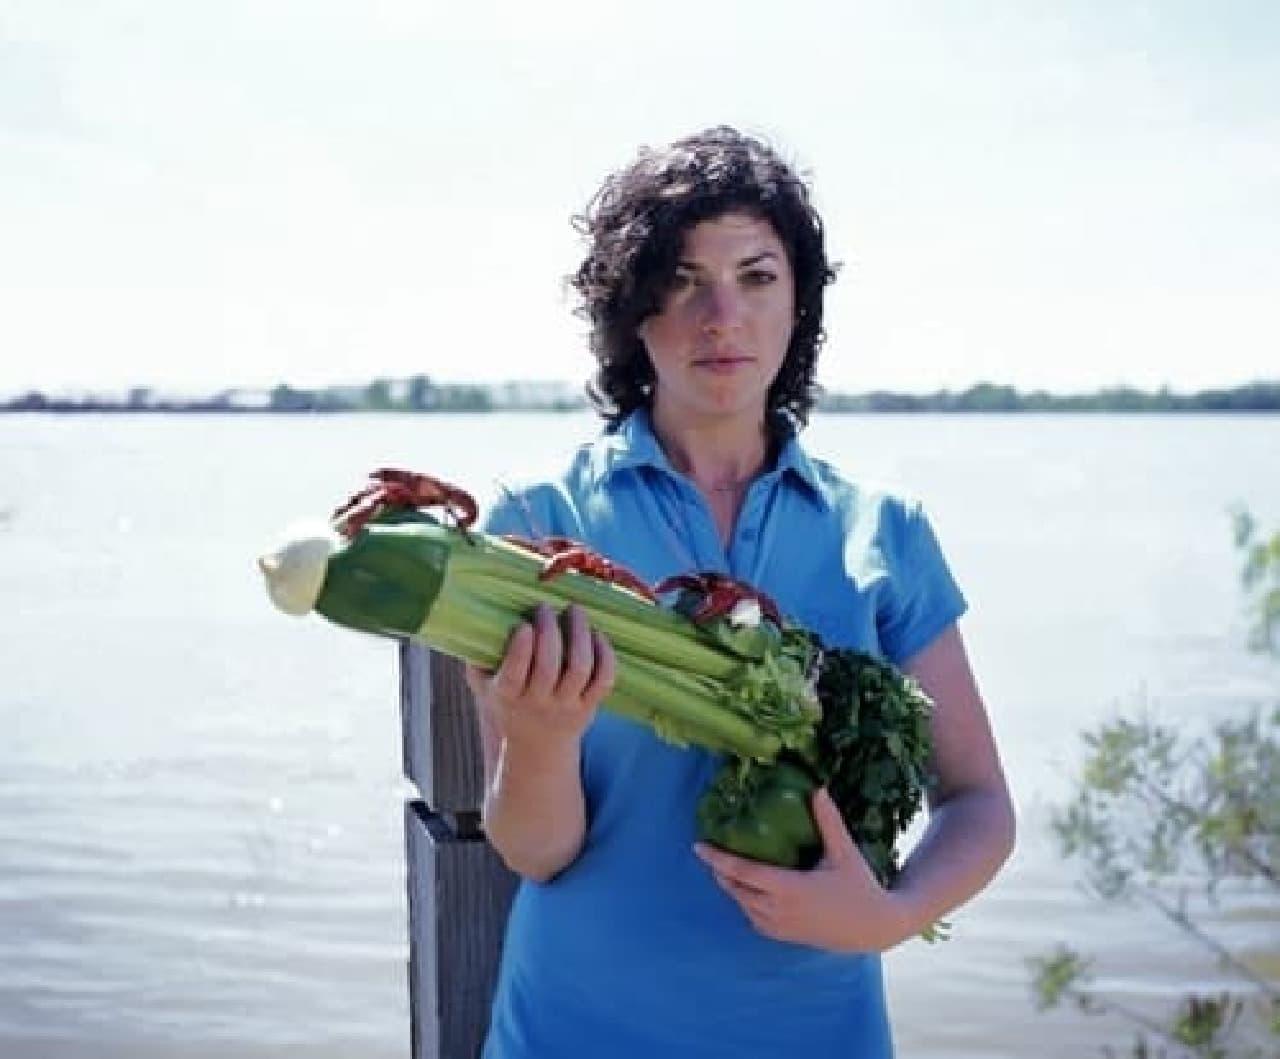 米国ニューオリンズの名物料理「エトフェ」  パプリカの引き金でザリガニ発射(??)